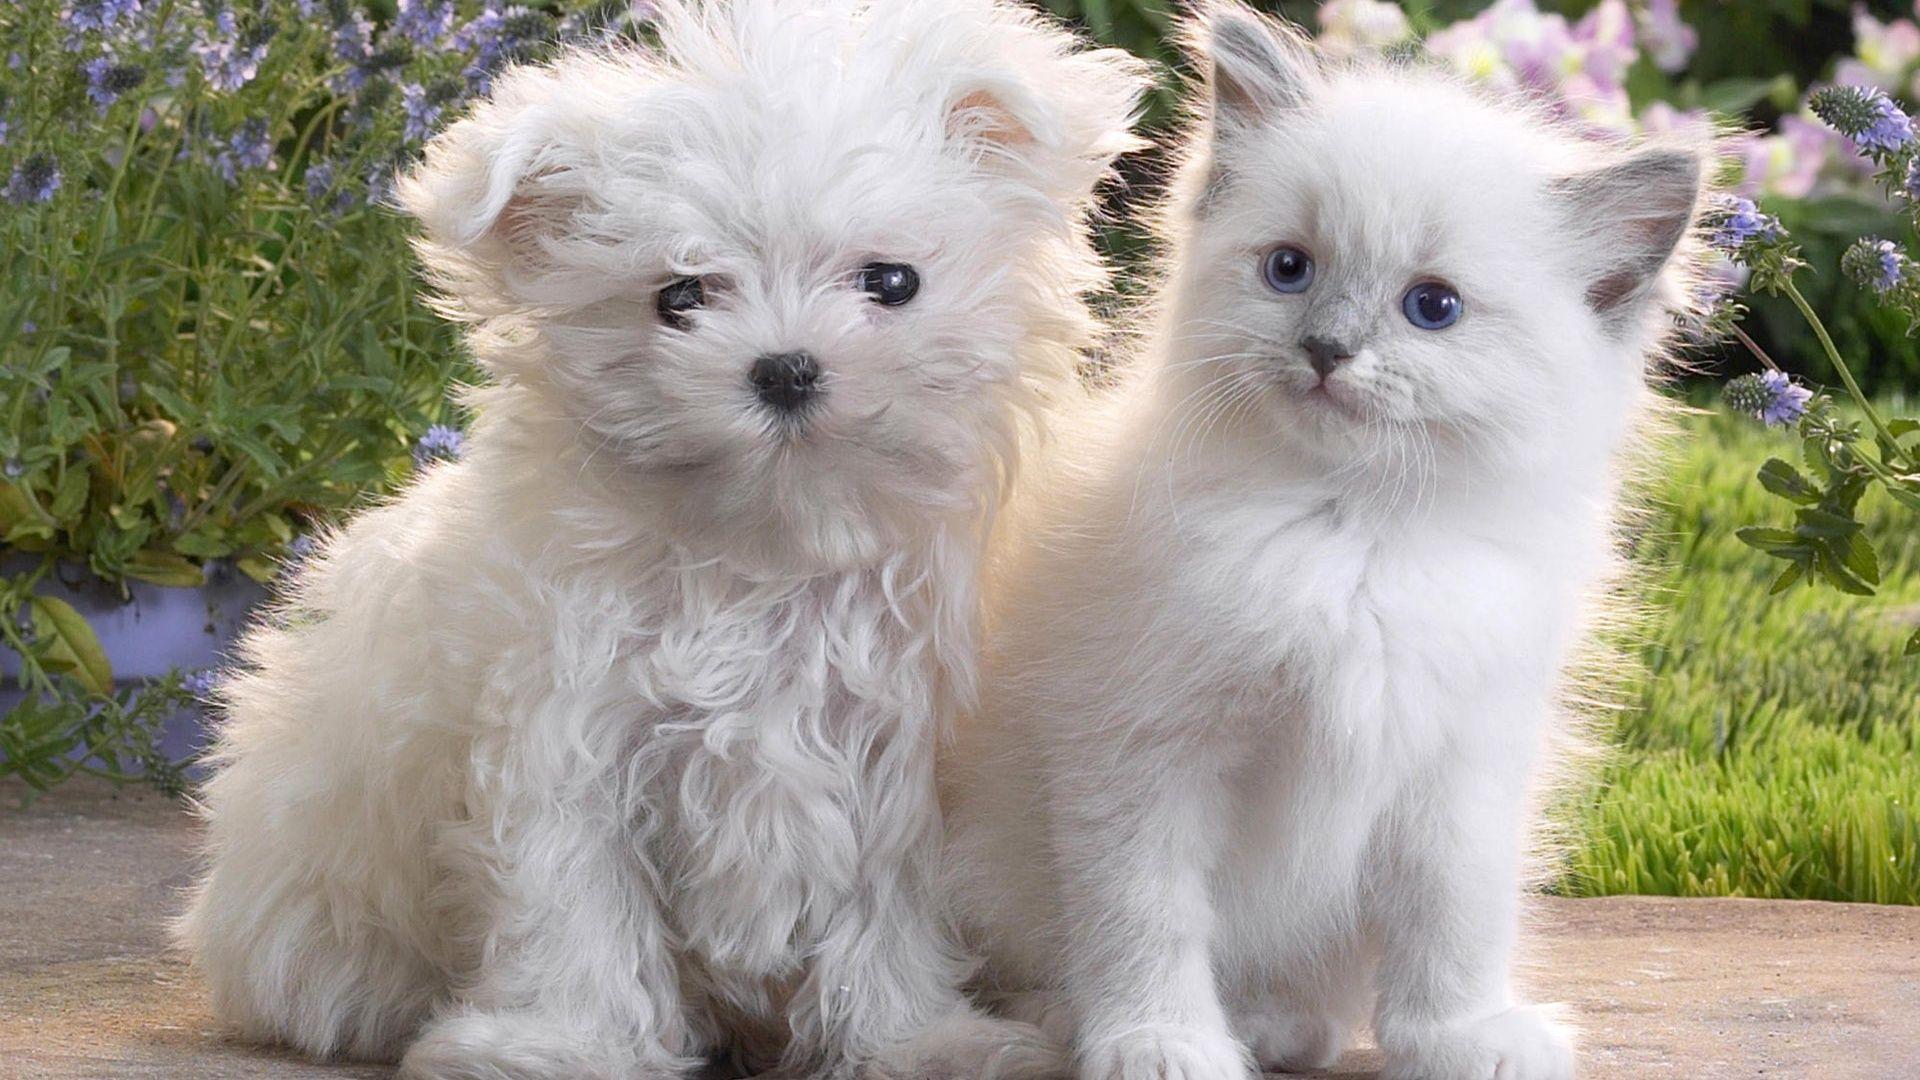 Puppy And Kitten good wallpaper